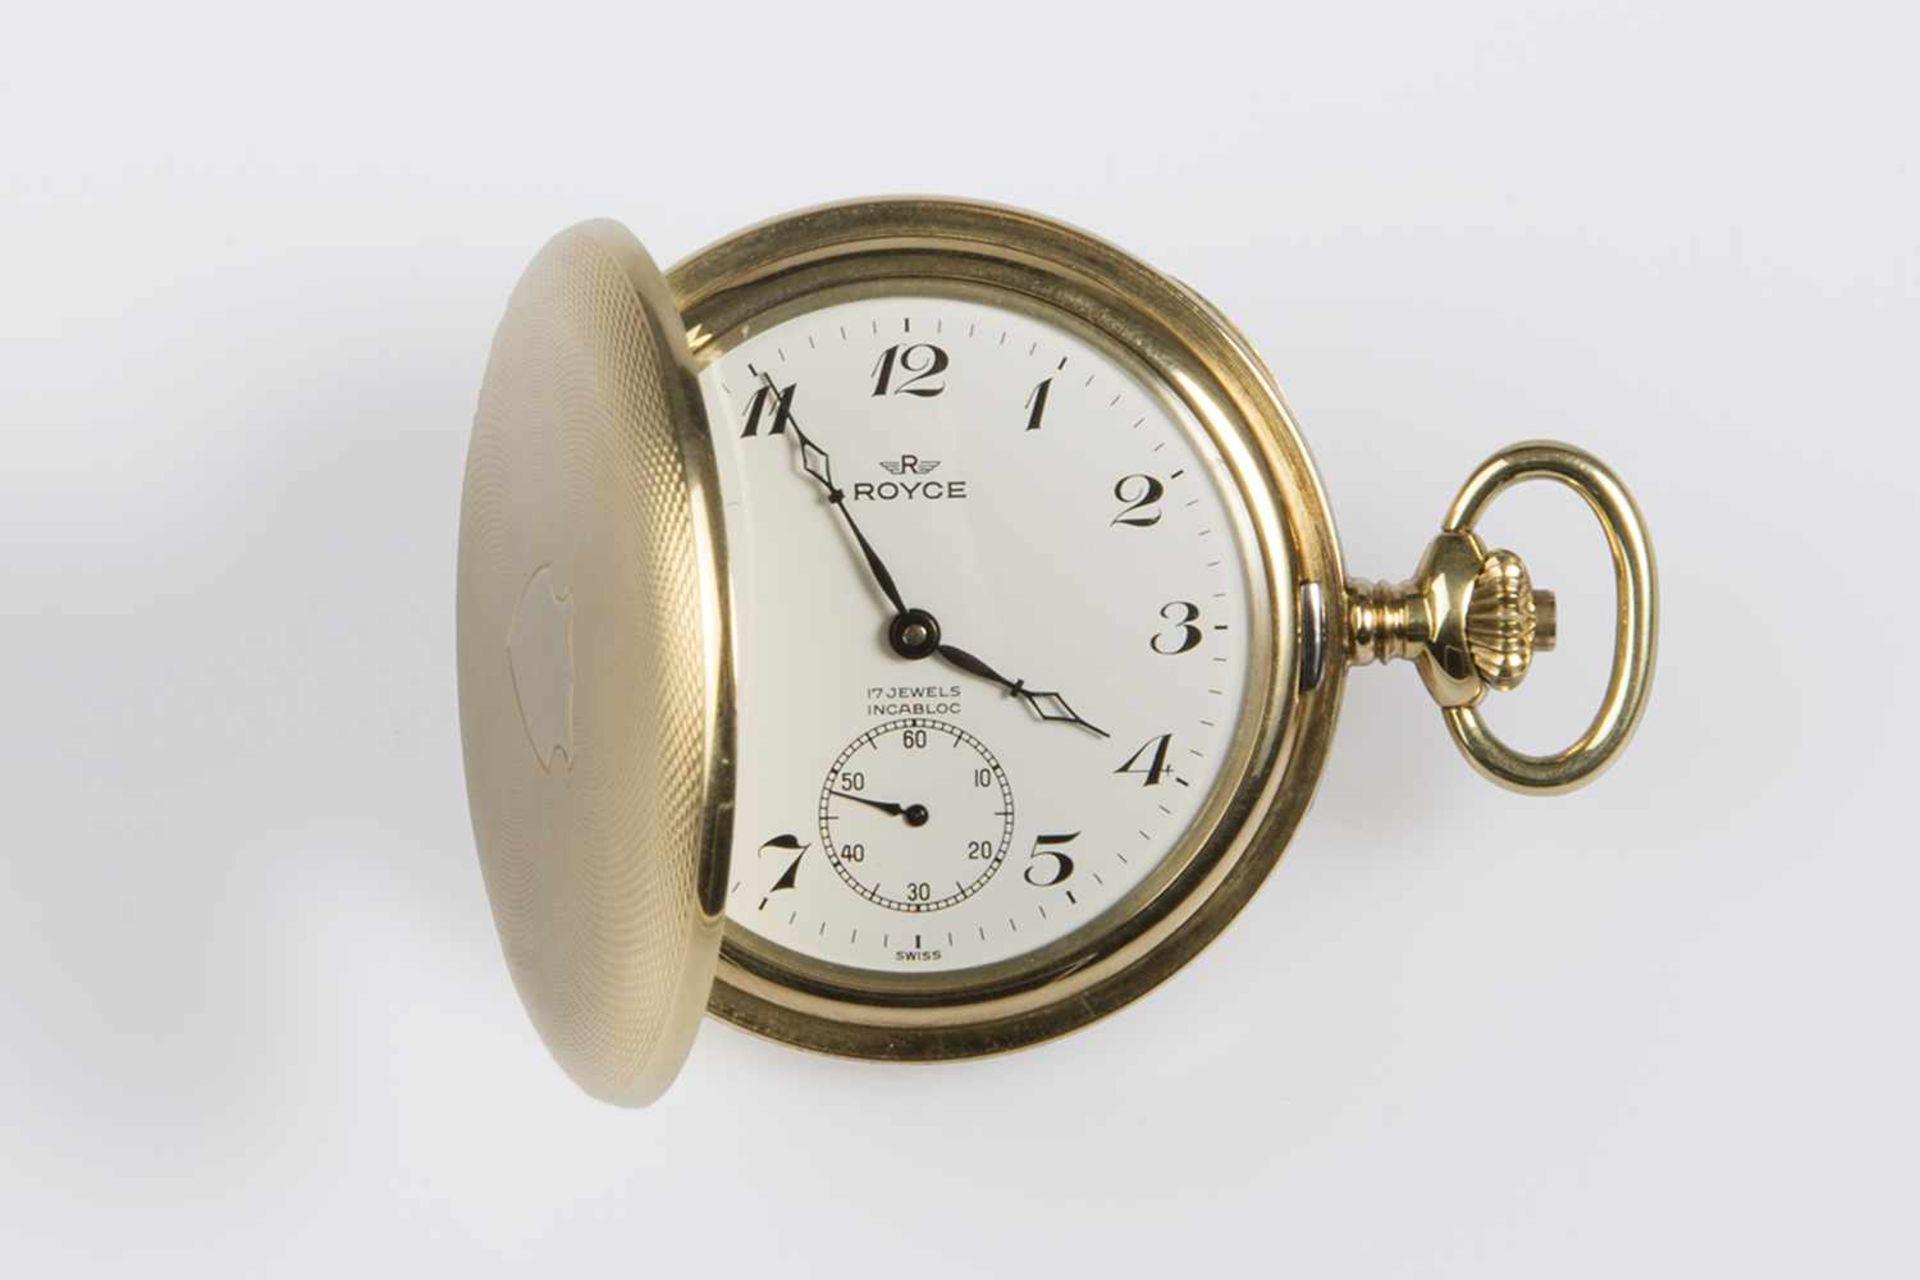 Los 39 - Herren-Taschenuhr Gold 585, Royce, Springdeckel, kleine vertiefte Sekunde,moosguillochiertes